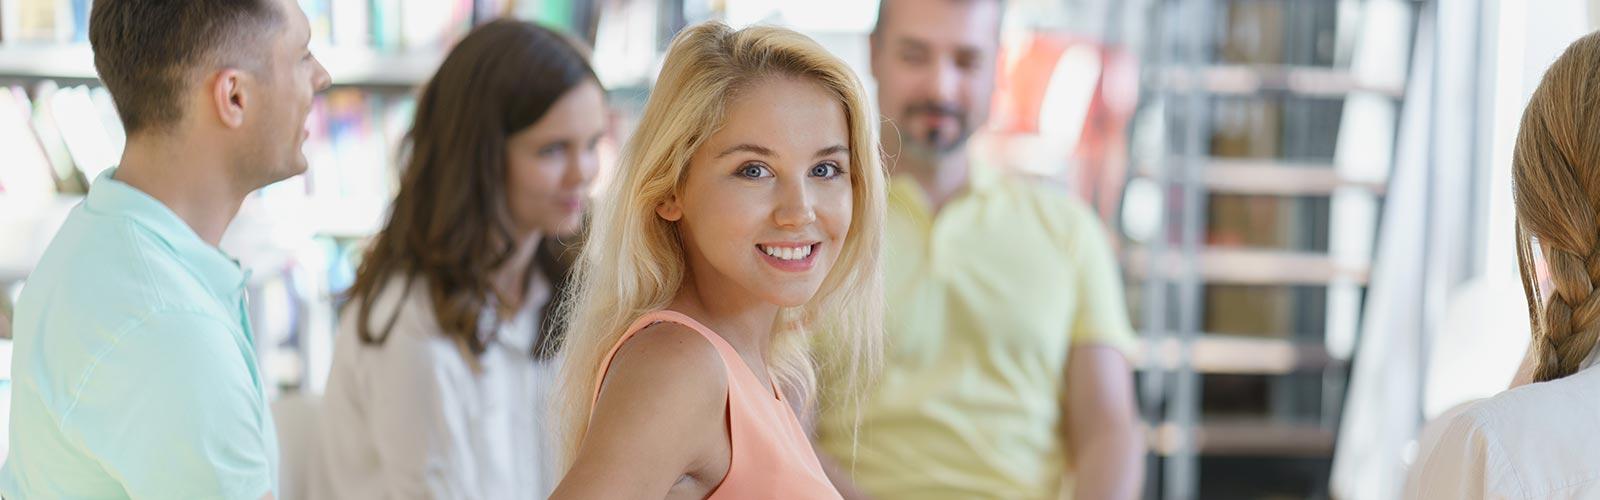 Lächelnde Frau bei einer Unterhaltung im Ruhesitz Golzow